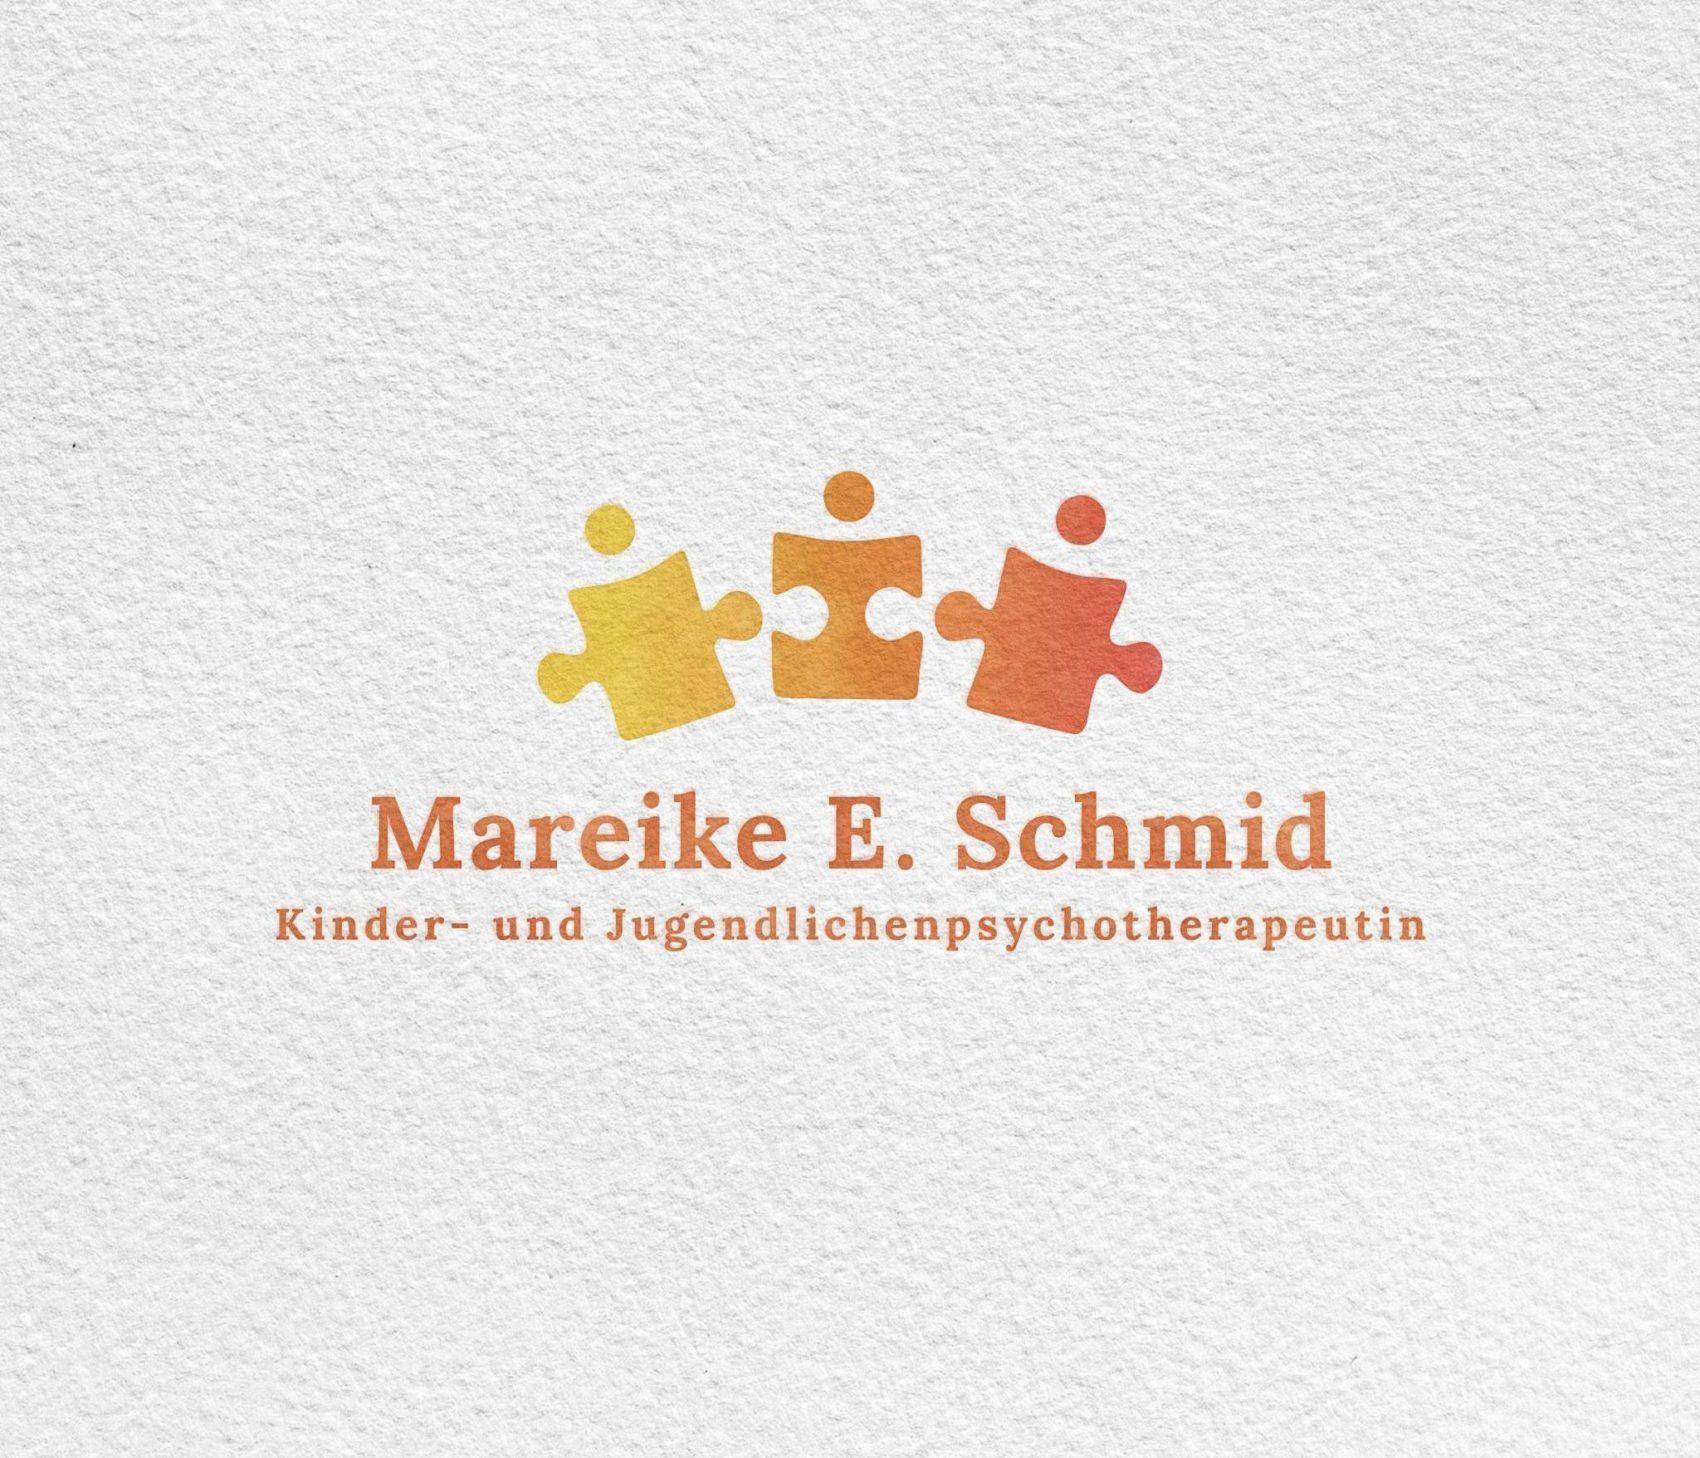 Logodesign Kinderpsychotherapeutin